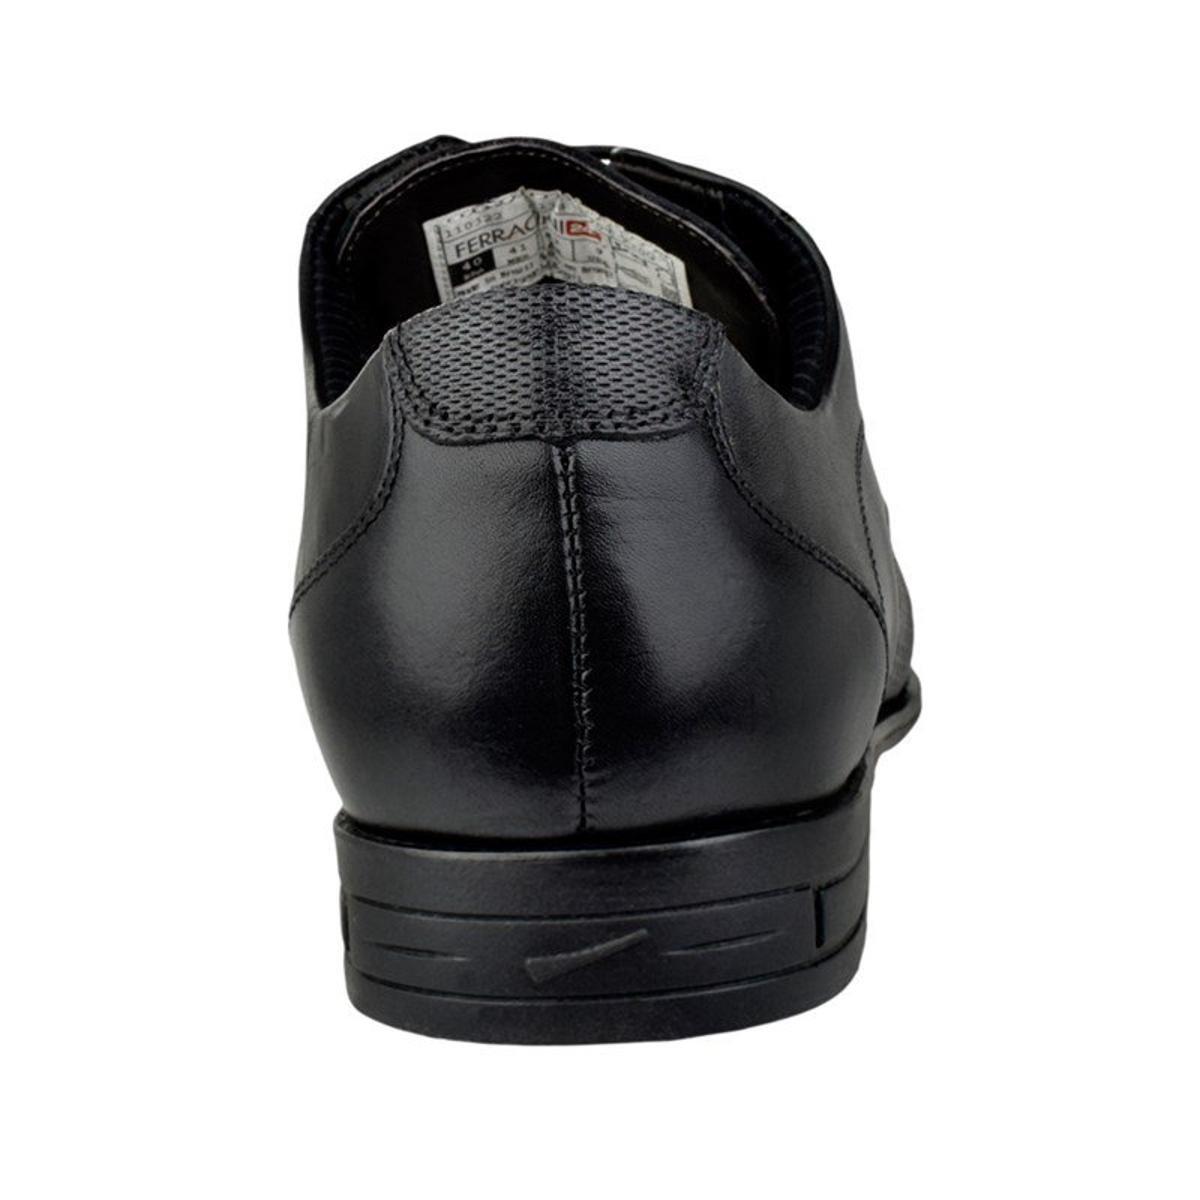 75cf82db34 Sapato Social Ferracini Bristol Masculino - Preto - Compre Agora ...